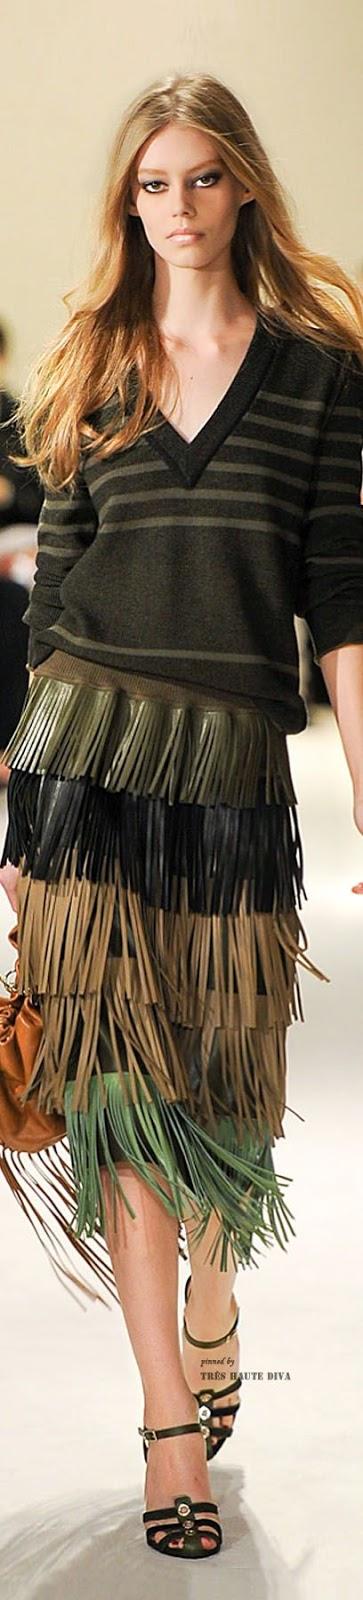 Tendências moda primavera-verão 2015 franjas